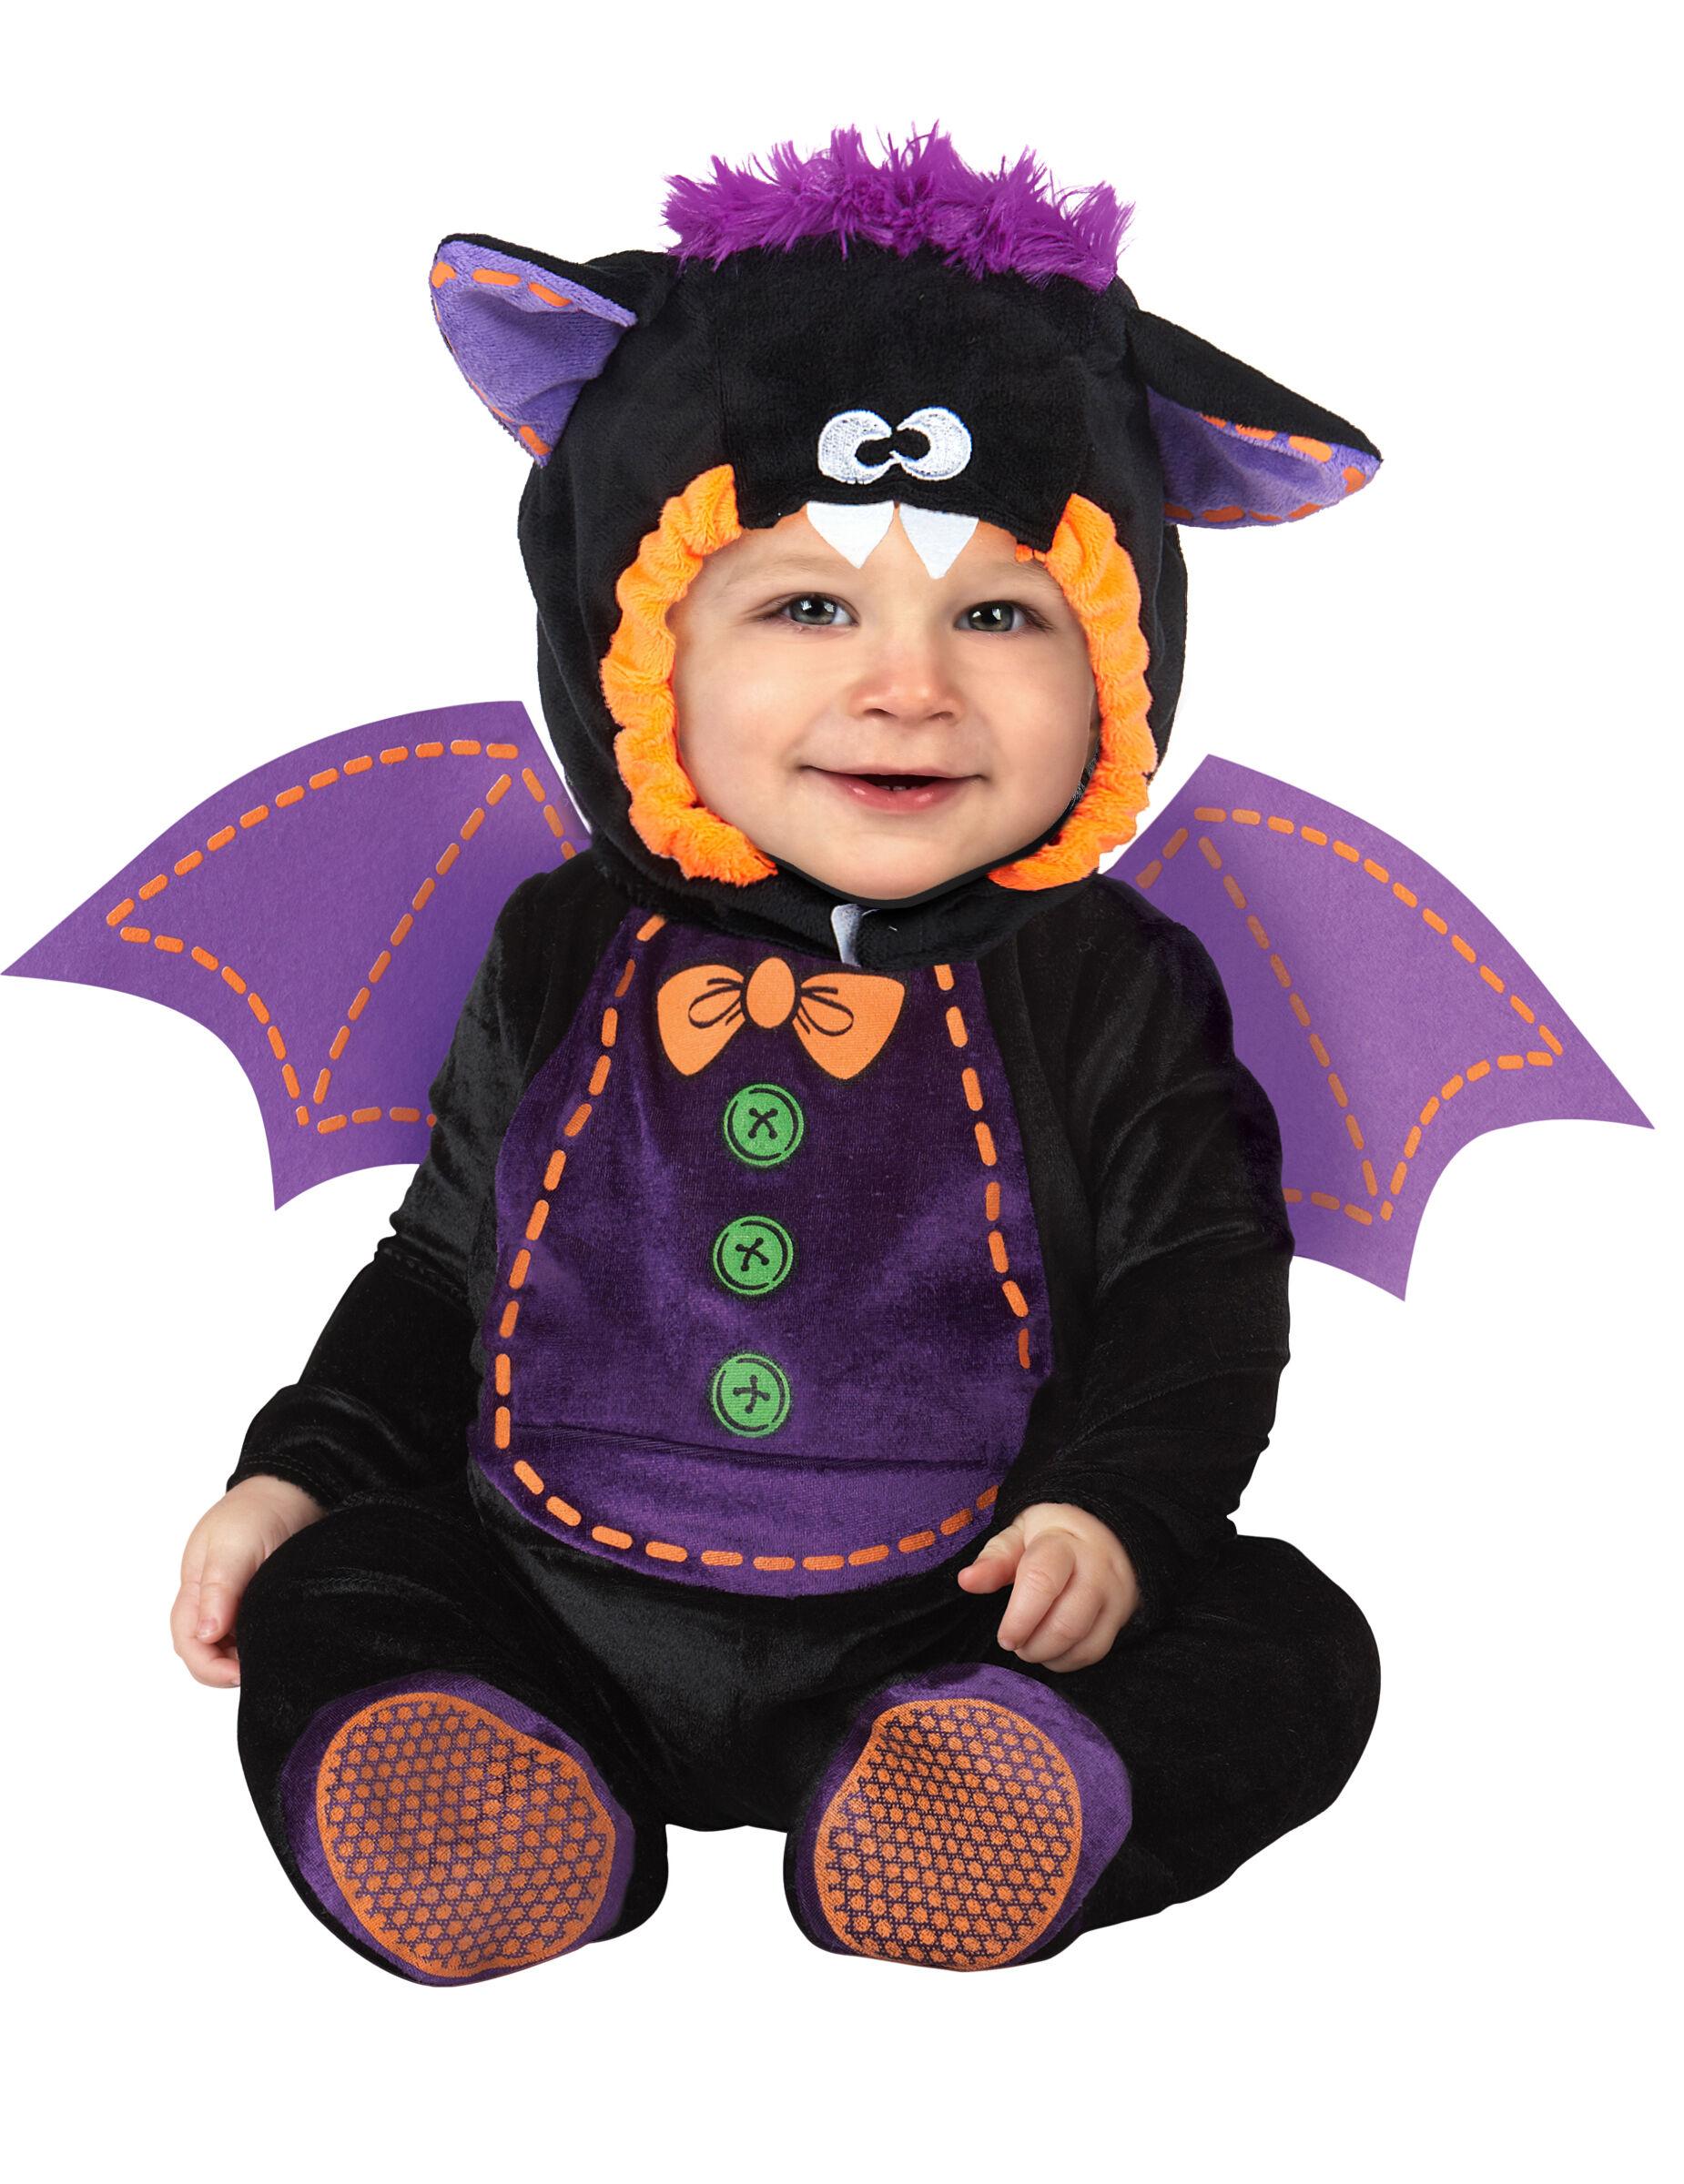 VegaooParty Déguisement Chauve-souris pour bébé - Classique - Taille: 18-24 mois (84-89 cm)